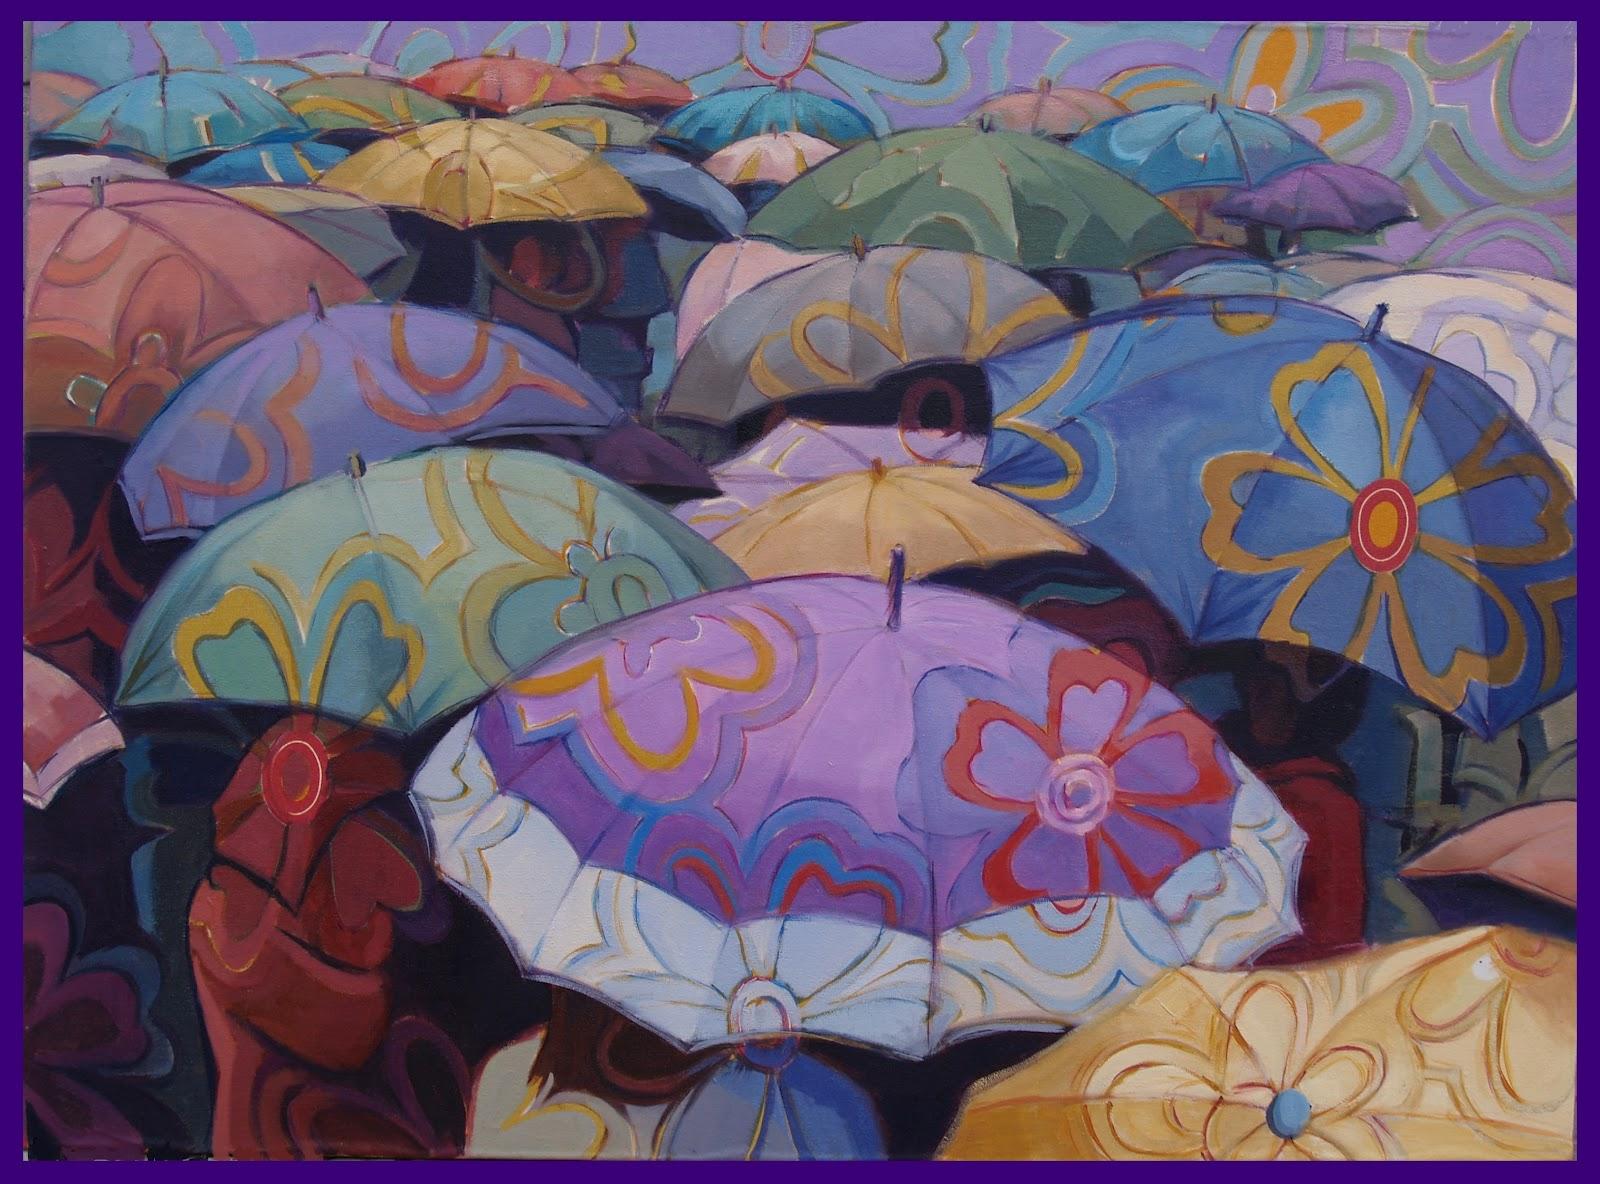 Cuadros juan ruiz ib ez paraguas y sombrillas - Fotos y cuadros ...